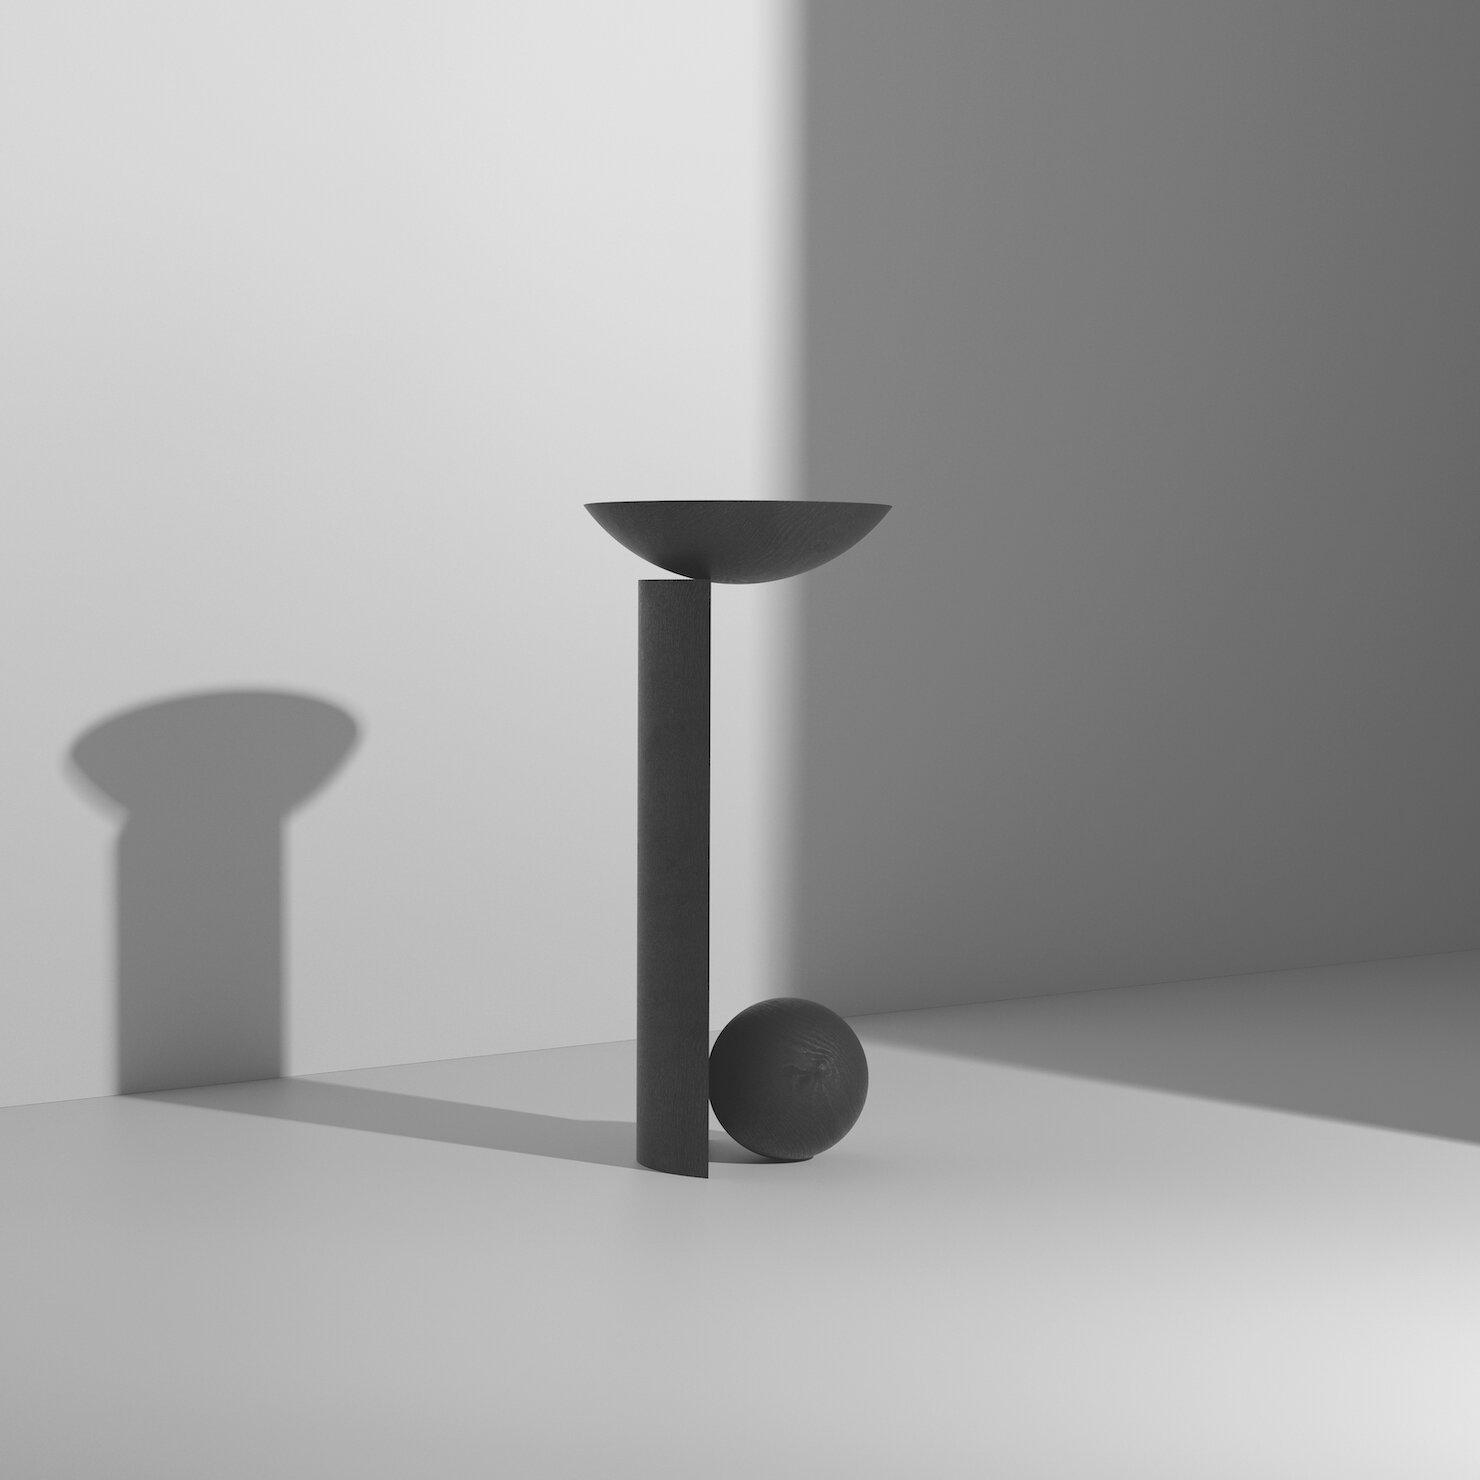 The Coito stool translates as coitus